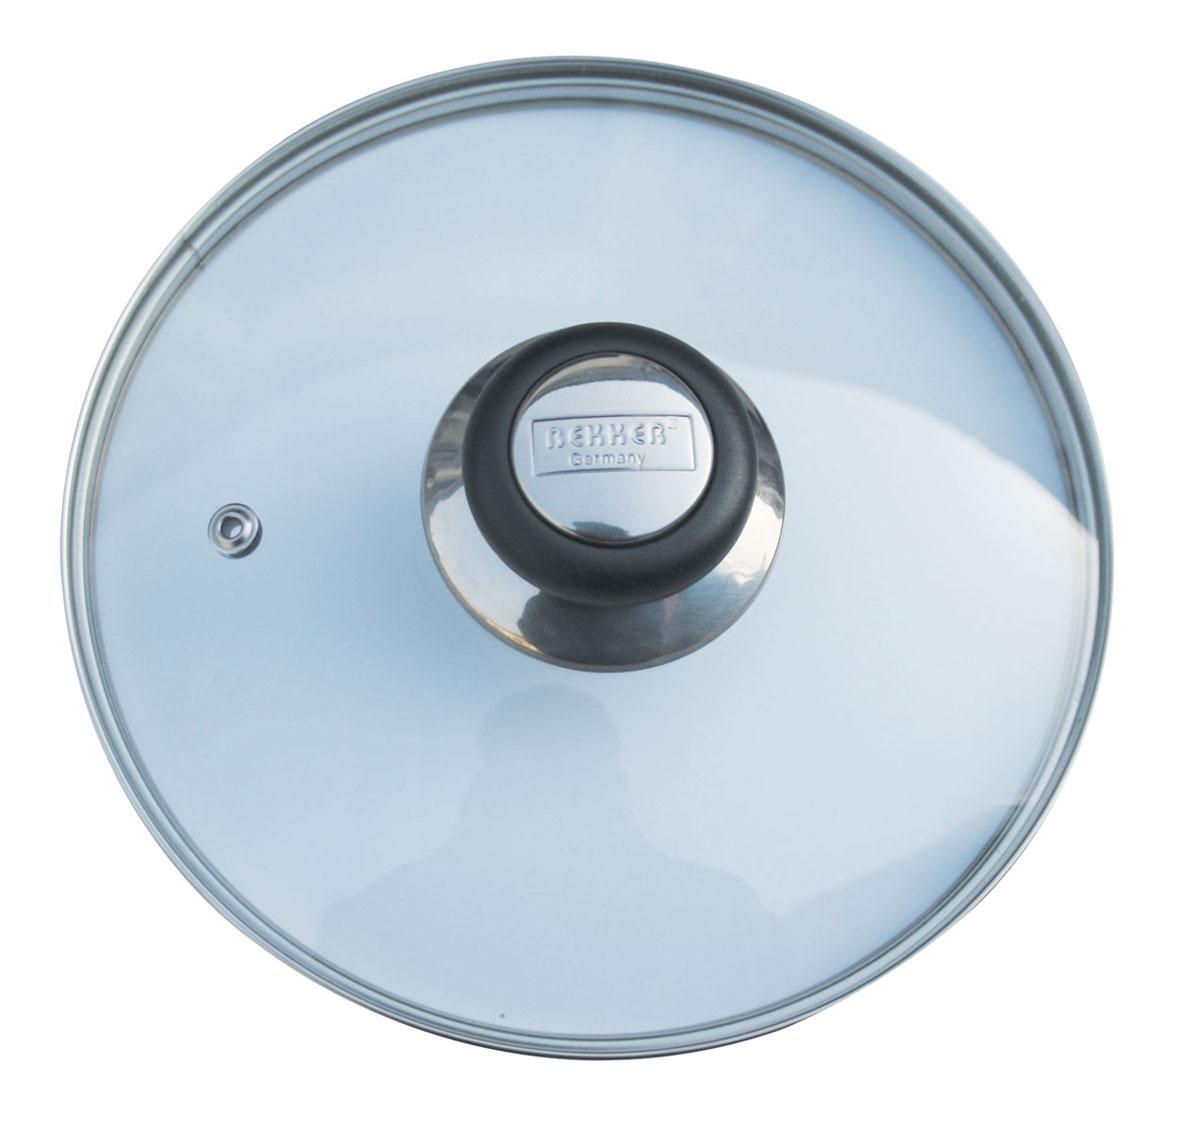 Крышка стеклянная Bekker. Диаметр 24 смBK-5411Крышка Bekker изготовлена из прозрачного термостойкого стекла. Обод, выполненный из высококачественной нержавеющей стали, защищает крышку от повреждений. Ручка из бакелита черного цвета защищает ваши руки от высоких температур. Крышка удобна в использовании, позволяет контролировать процесс приготовления пищи. Имеется отверстие для выпуска пара.